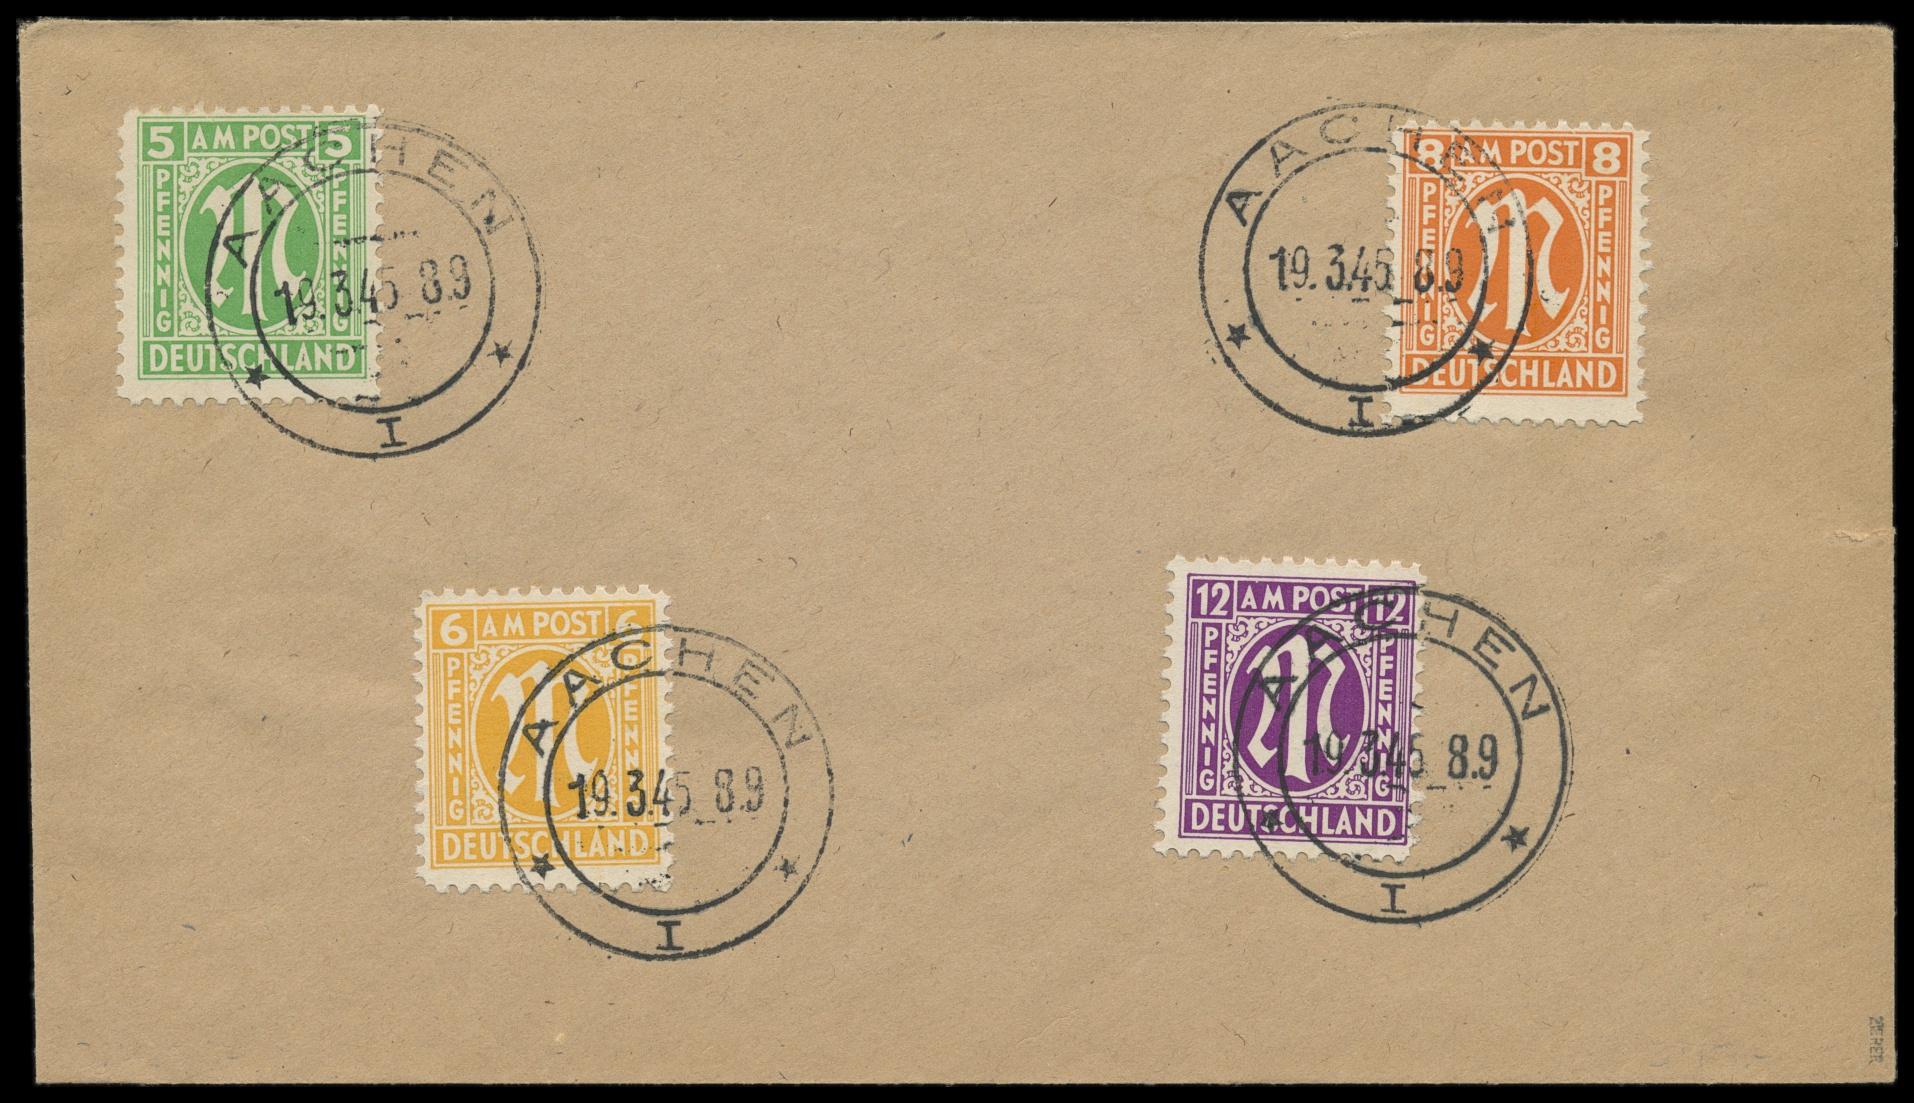 Lot 3697 - Amerikanische und Britische Zone AM-Post -  Peter Harlos Auctions 42. Harlos Auktion